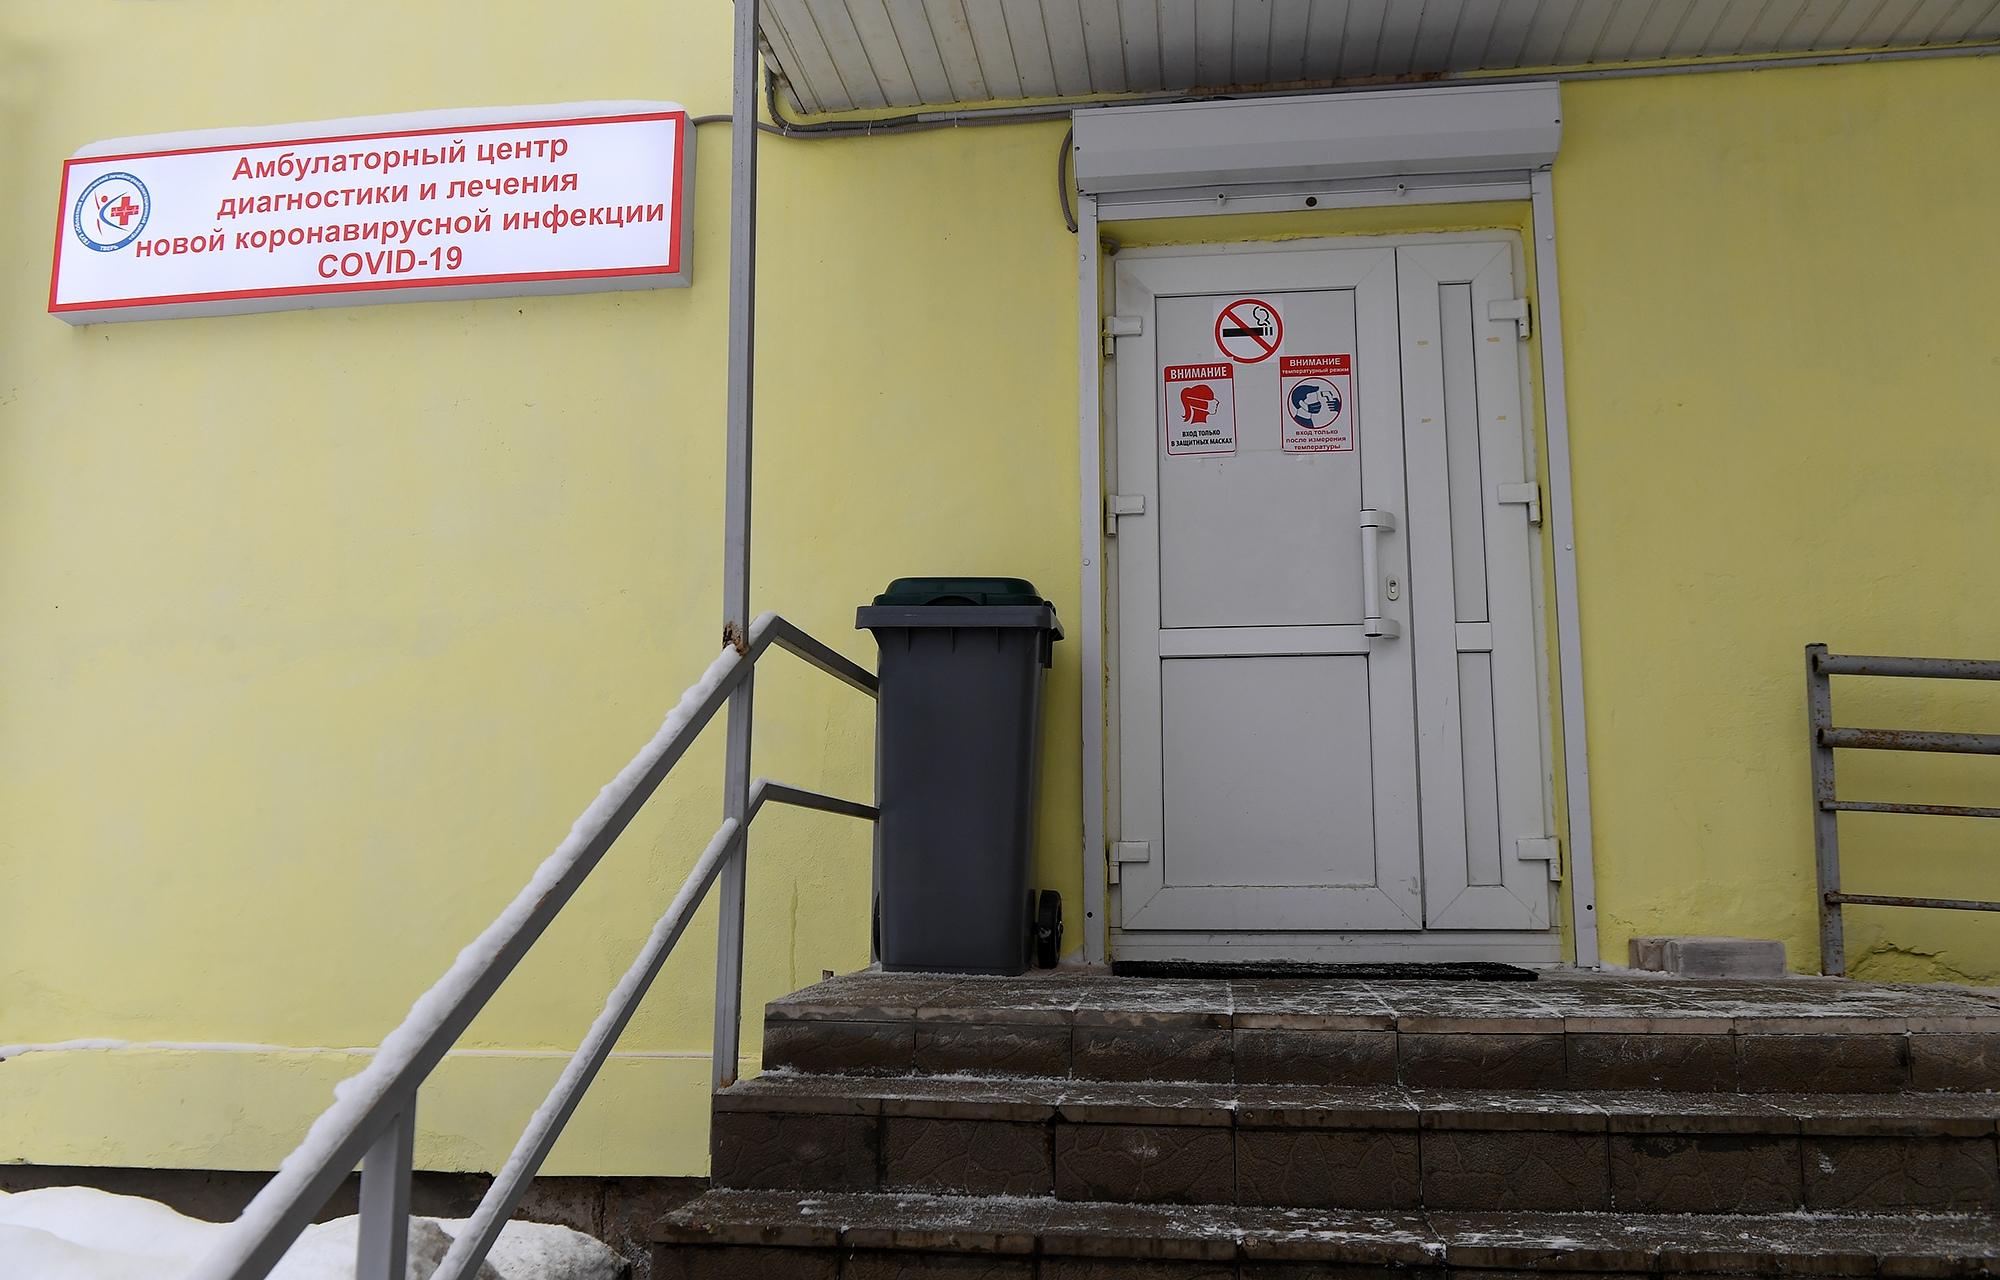 В Тверской области пациентов с коронавирусом будут принимать в четырех новых ЦАПах